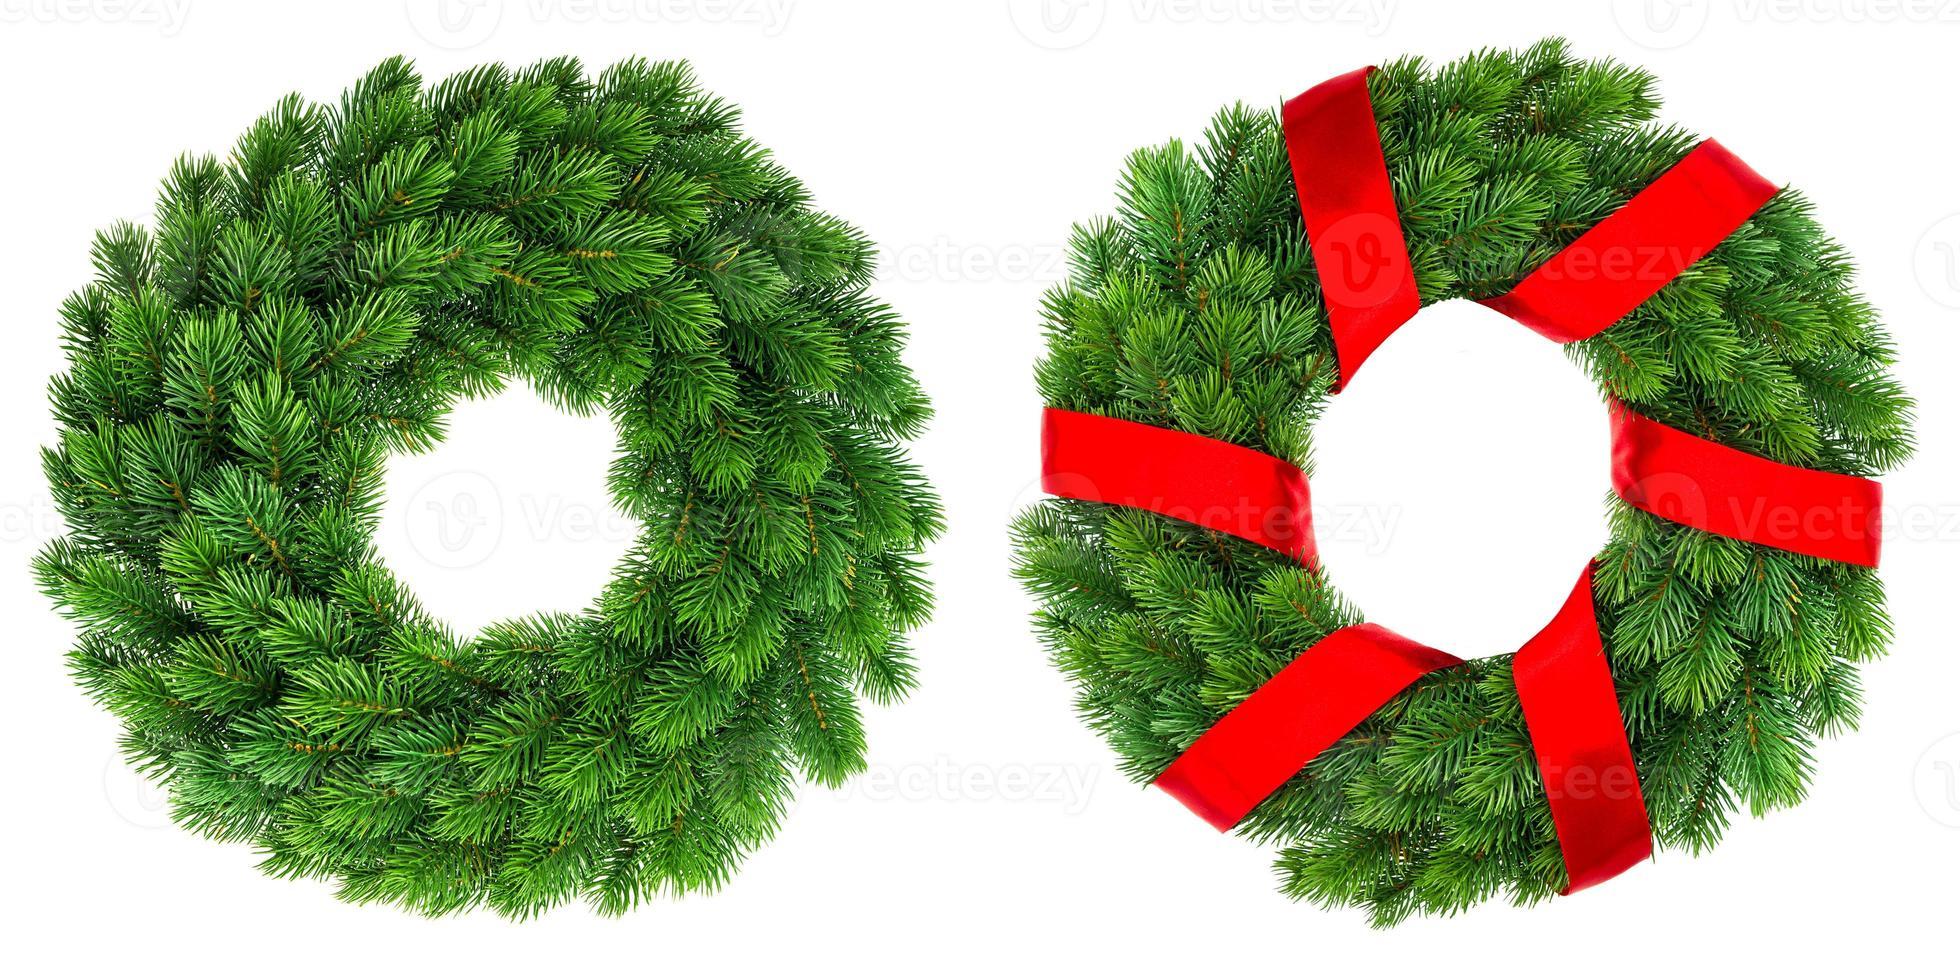 Kerstdecoratie groenblijvende krans met rood lint foto